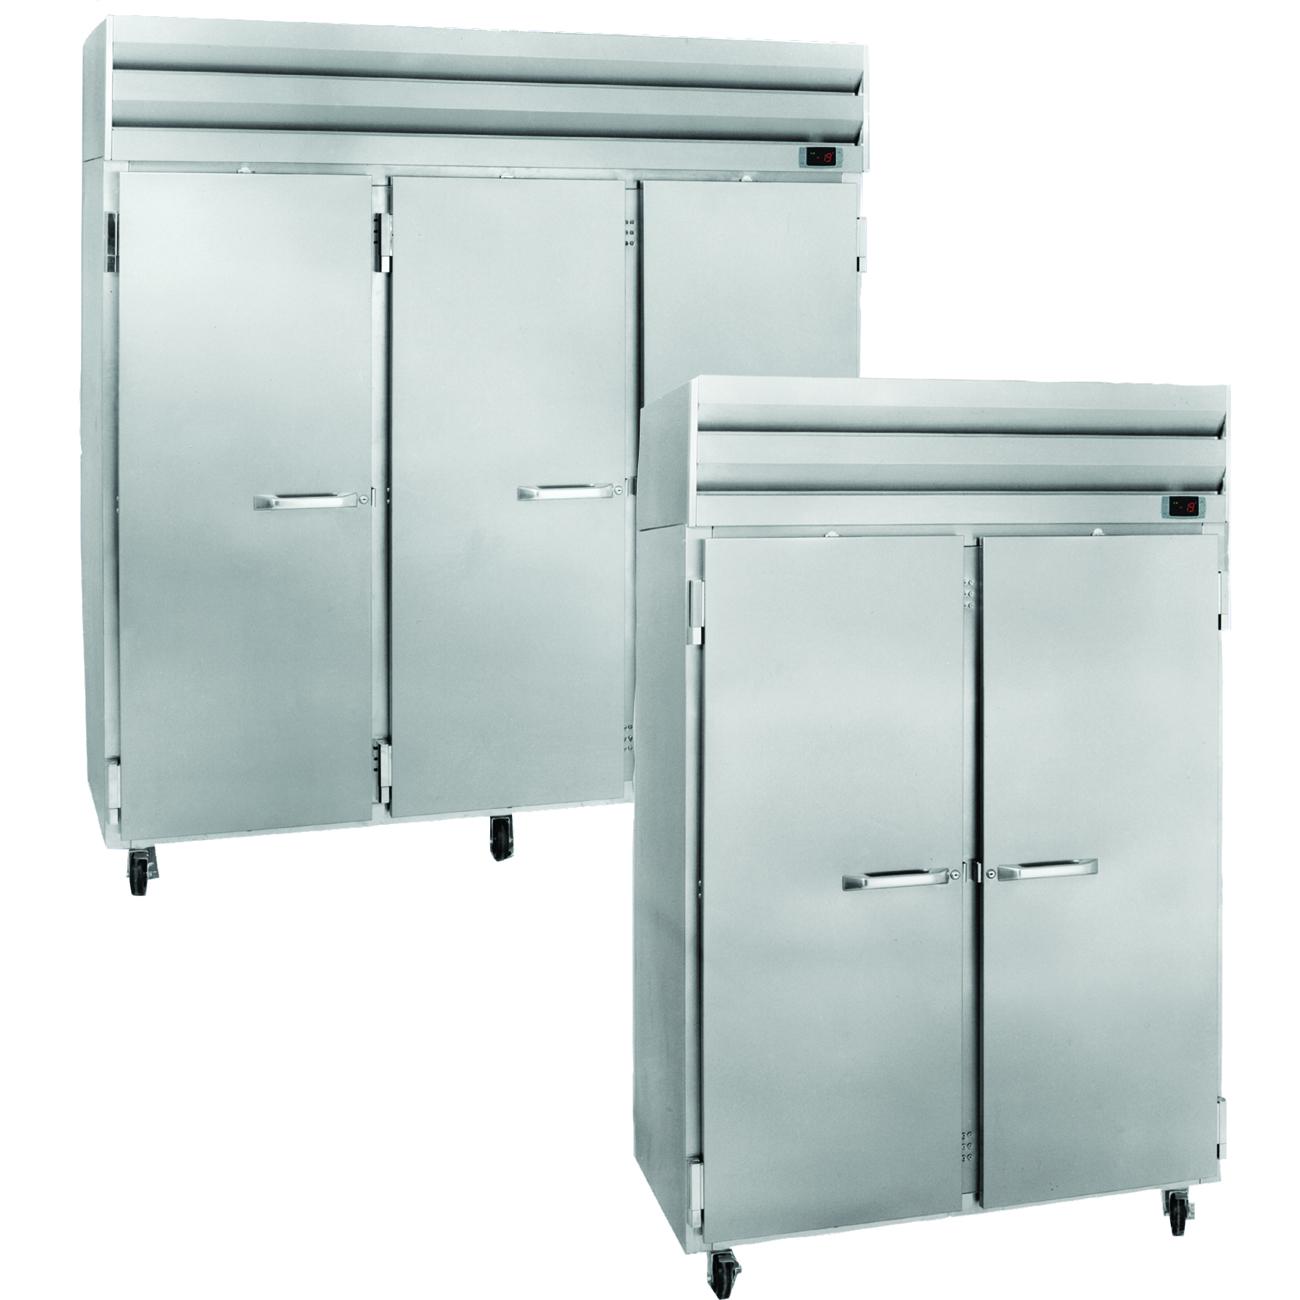 Howard-McCray SF75-S-FF freezer, reach-in